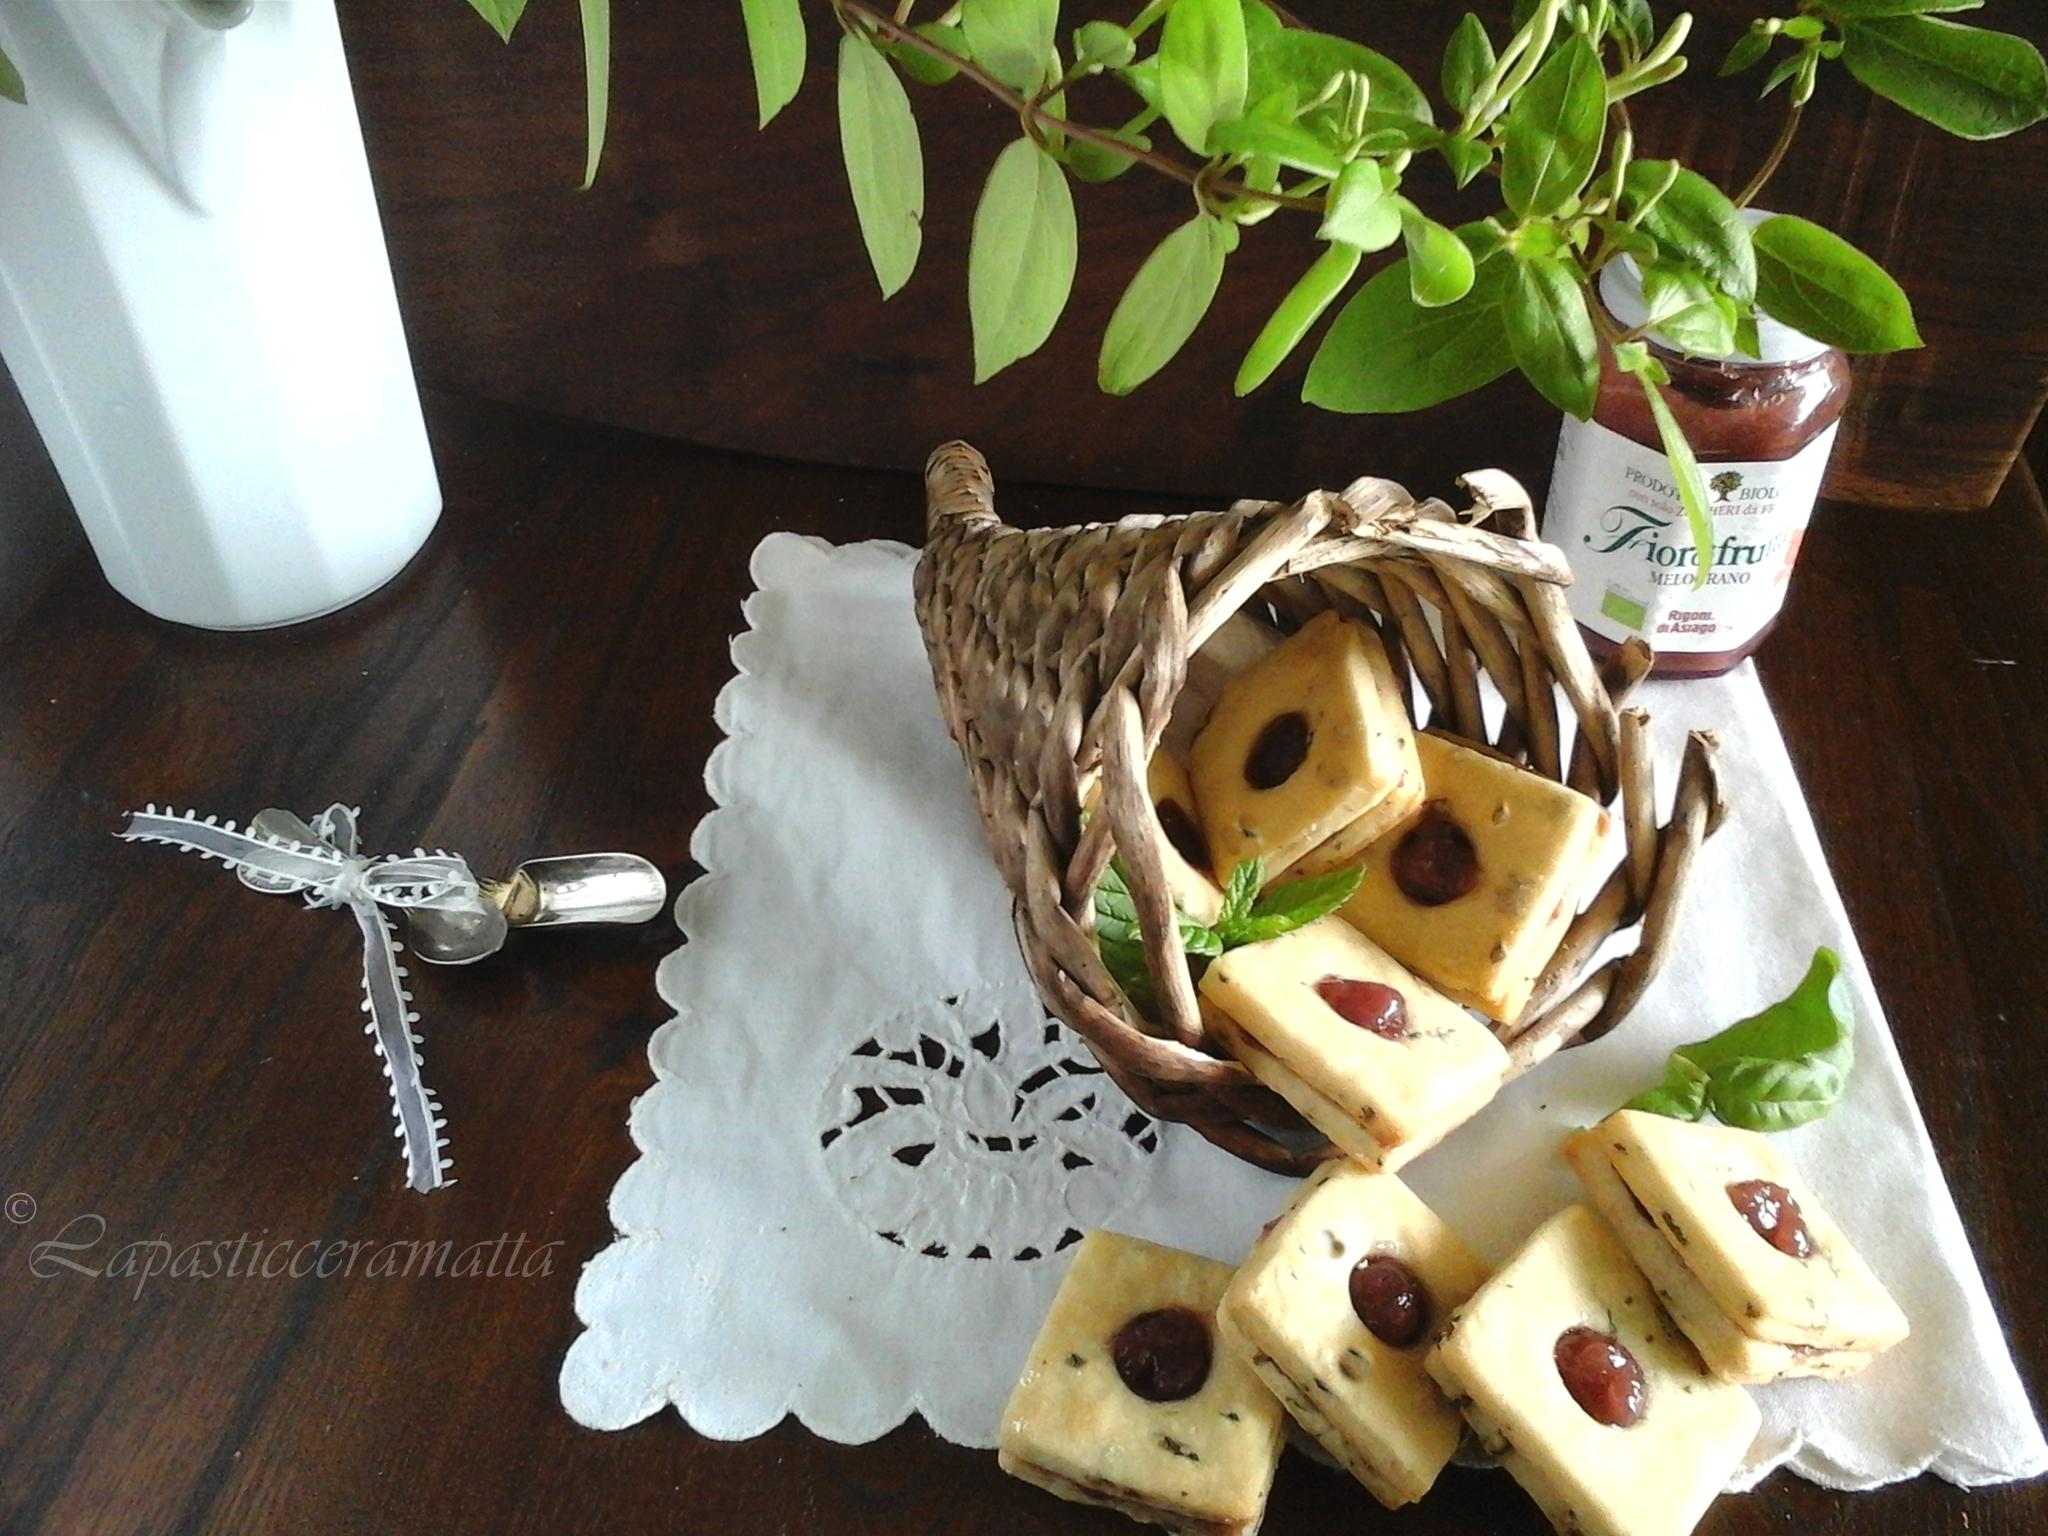 Biscotti allo yogurt menta e basilico con marmellata